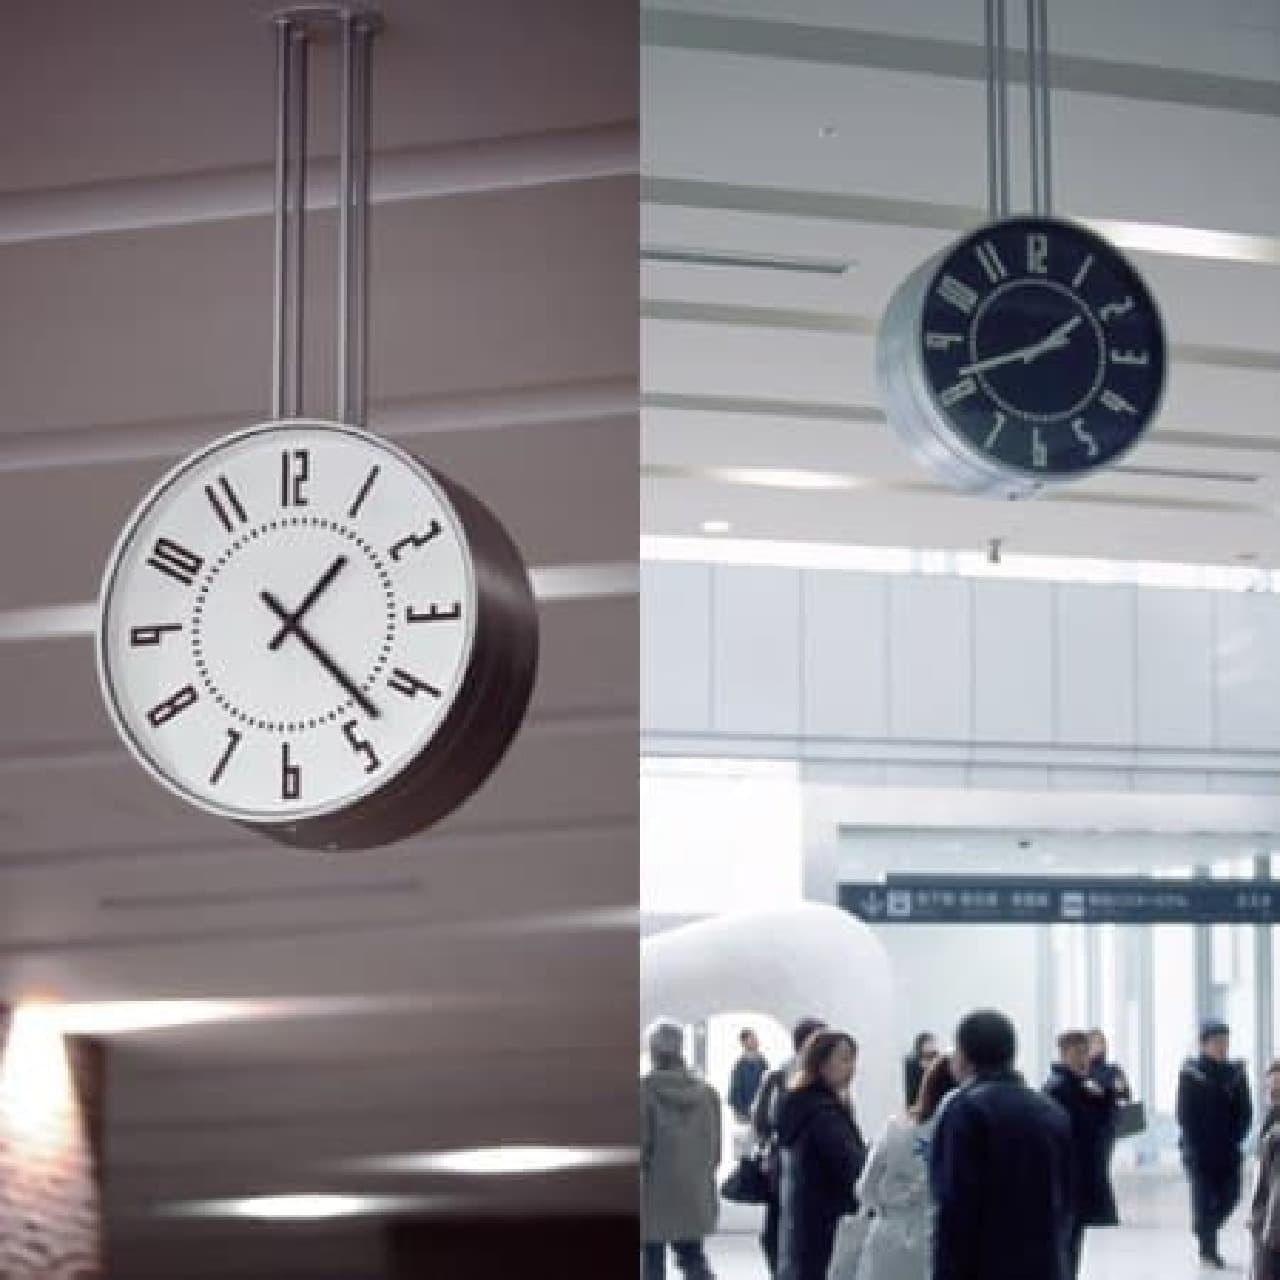 札幌駅構内の時計。両面で色が異なる